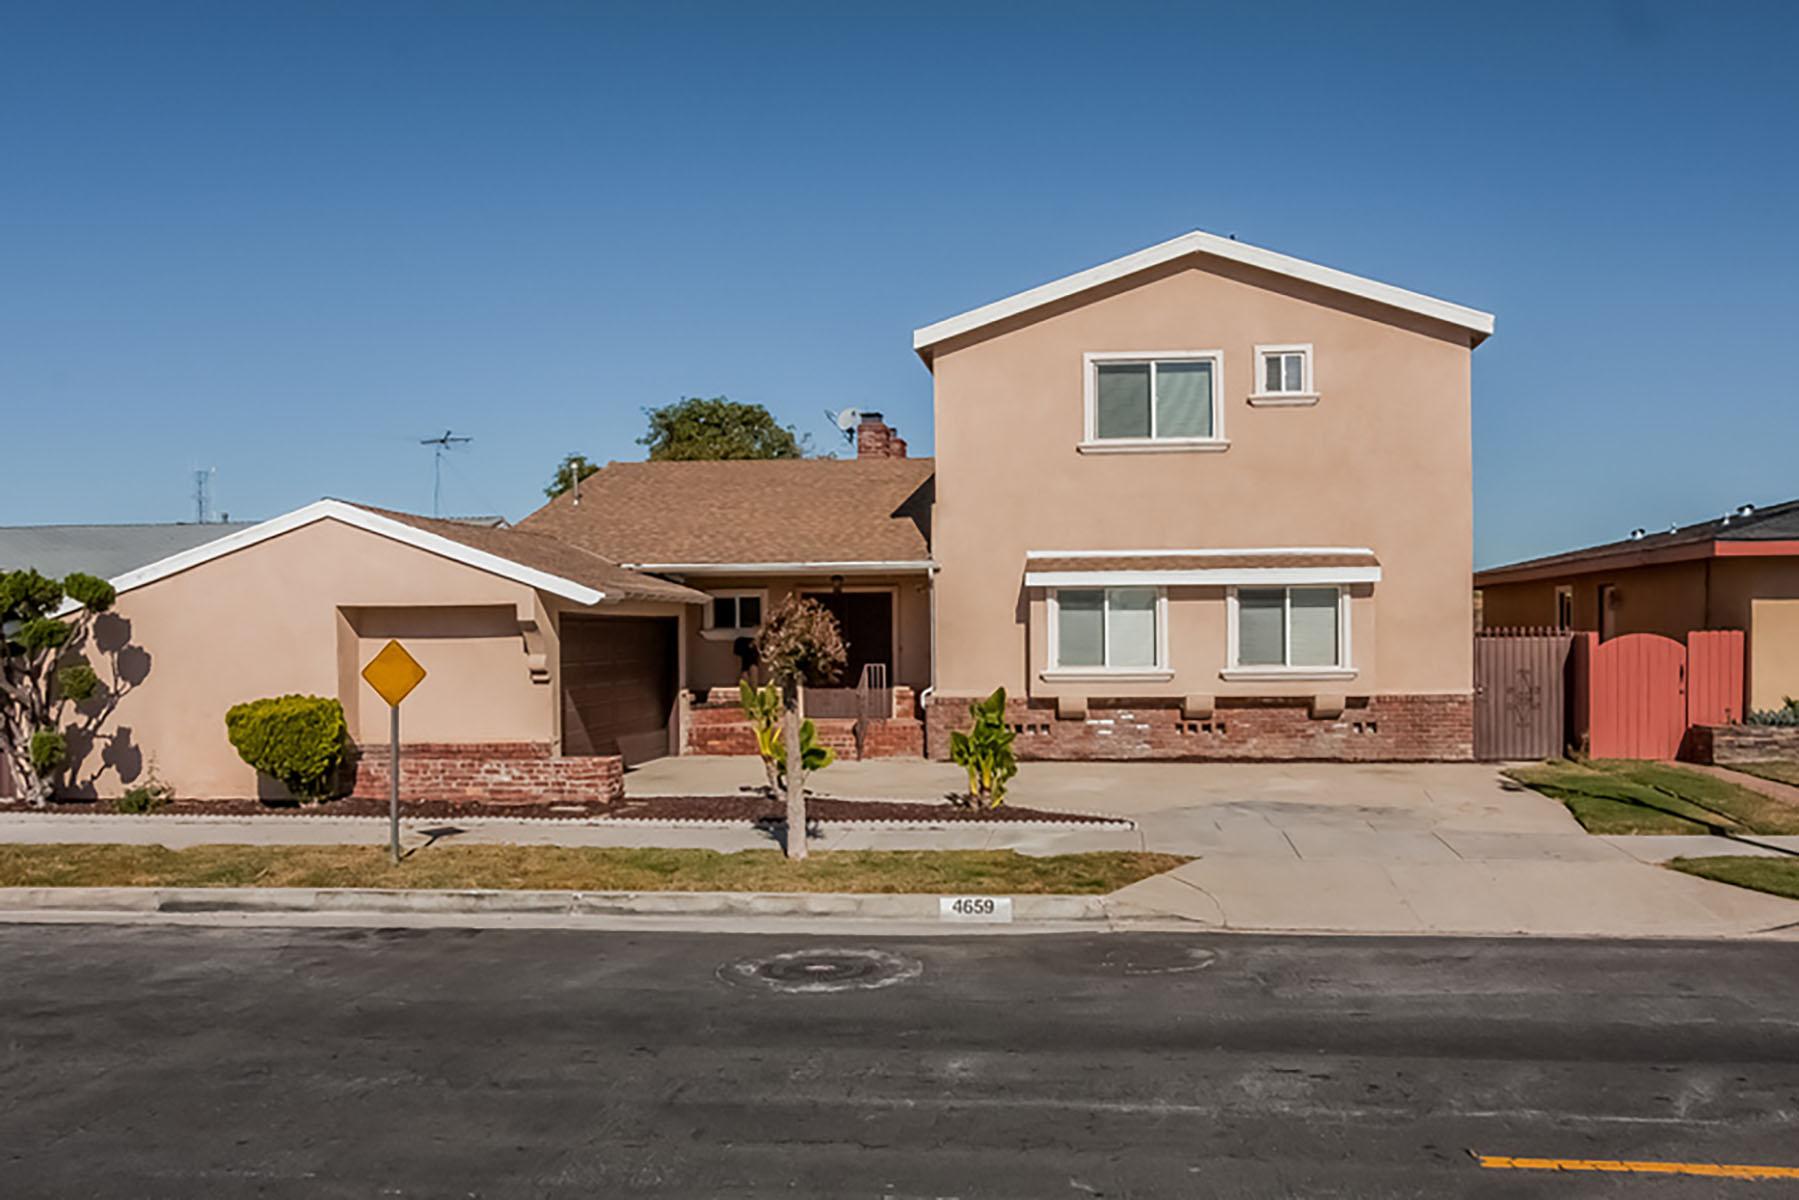 一戸建て のために 売買 アット 4659 Don Miguel Drive Baldwin Hills, Los Angeles, カリフォルニア 90008 アメリカ合衆国